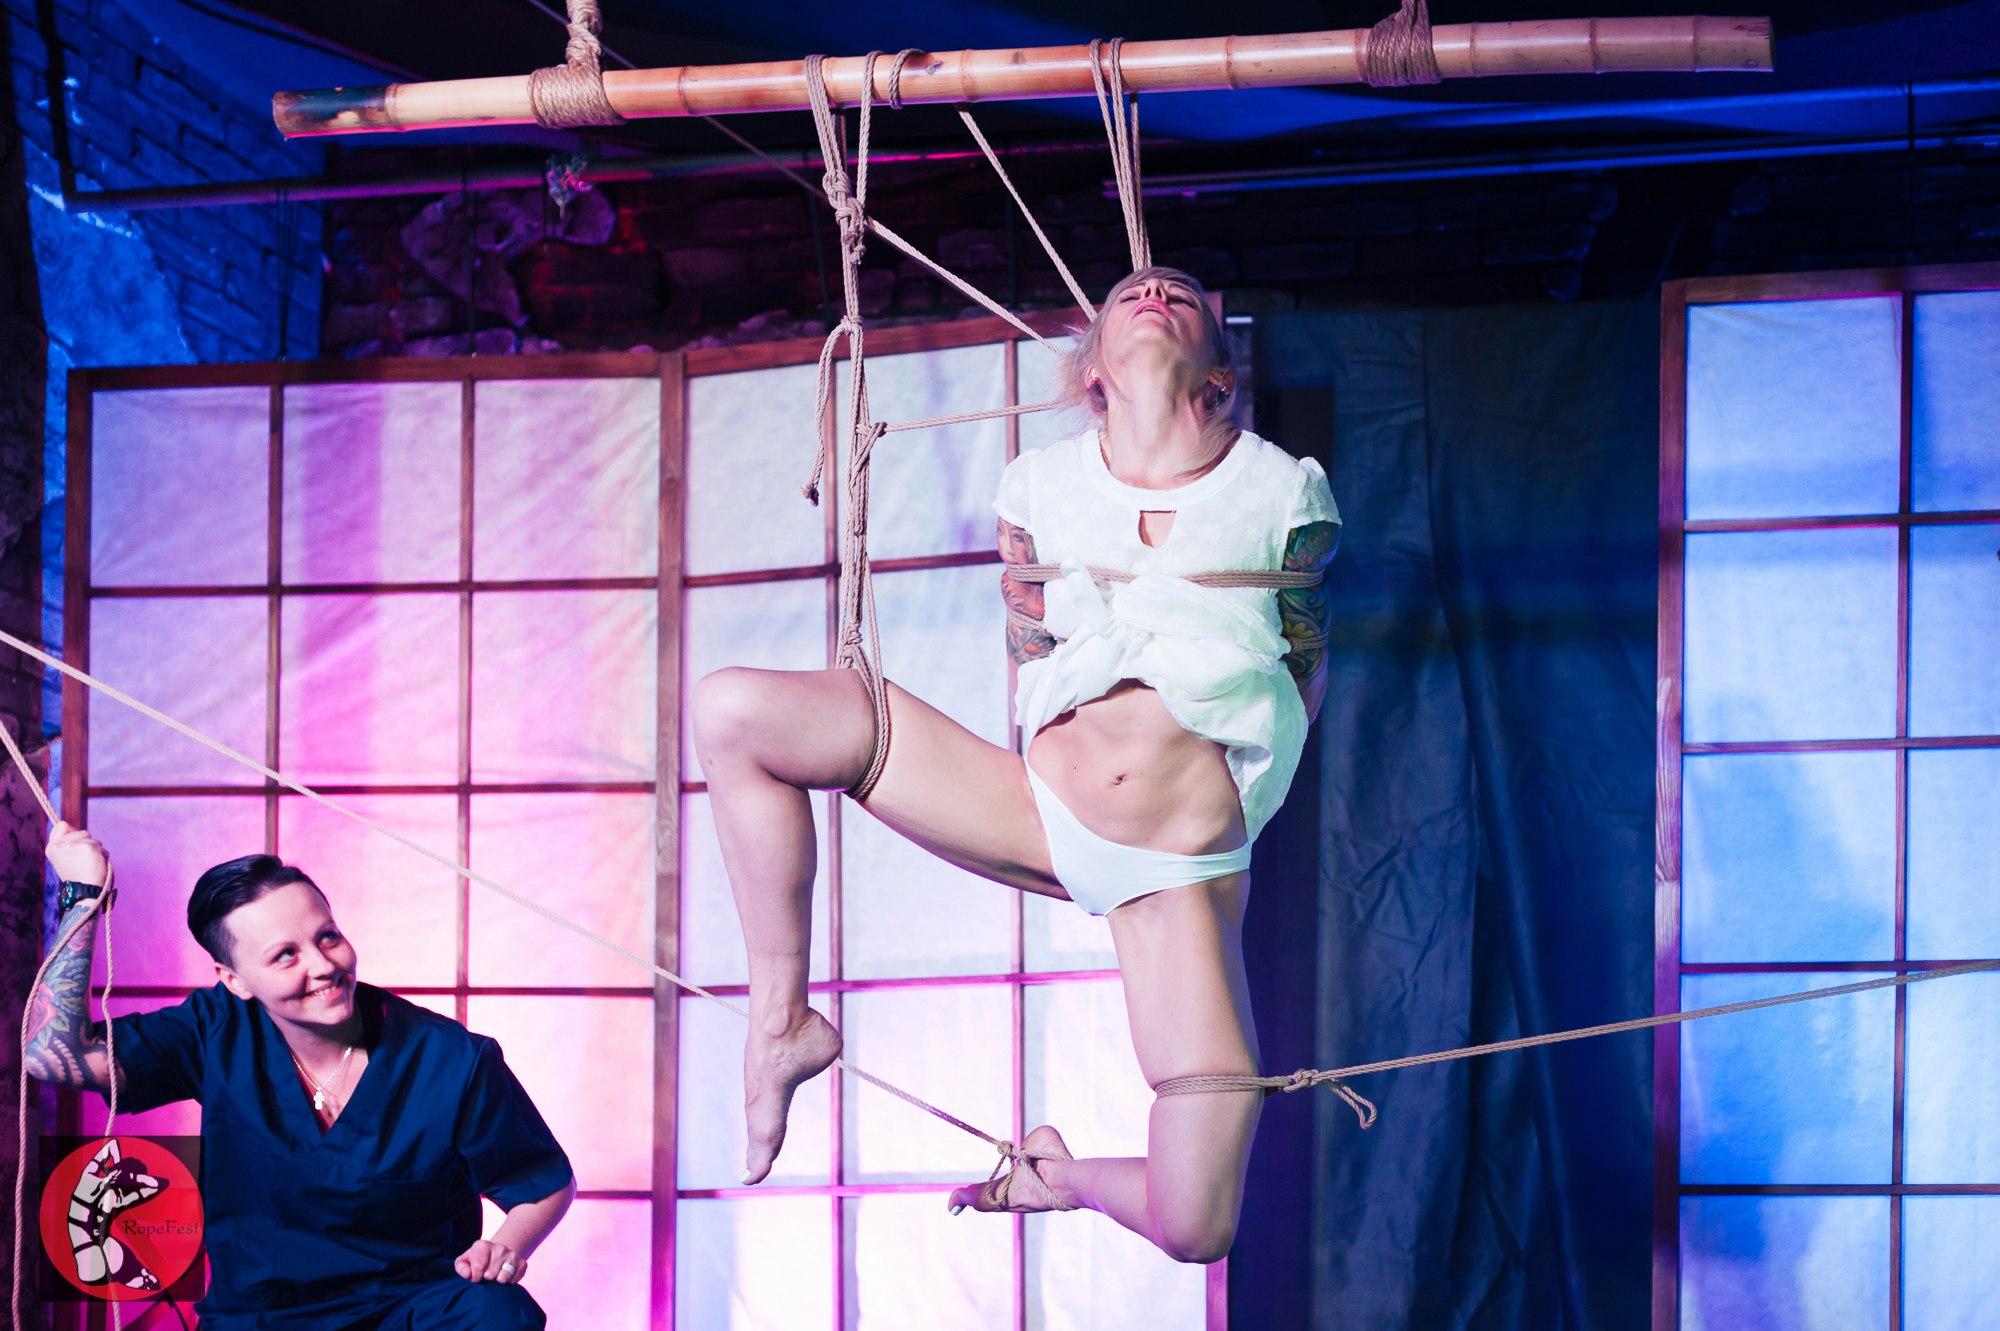 Rope Fest Peterburg . Bondage: Jey Nikk. Photo by Viktor Barkovshikov